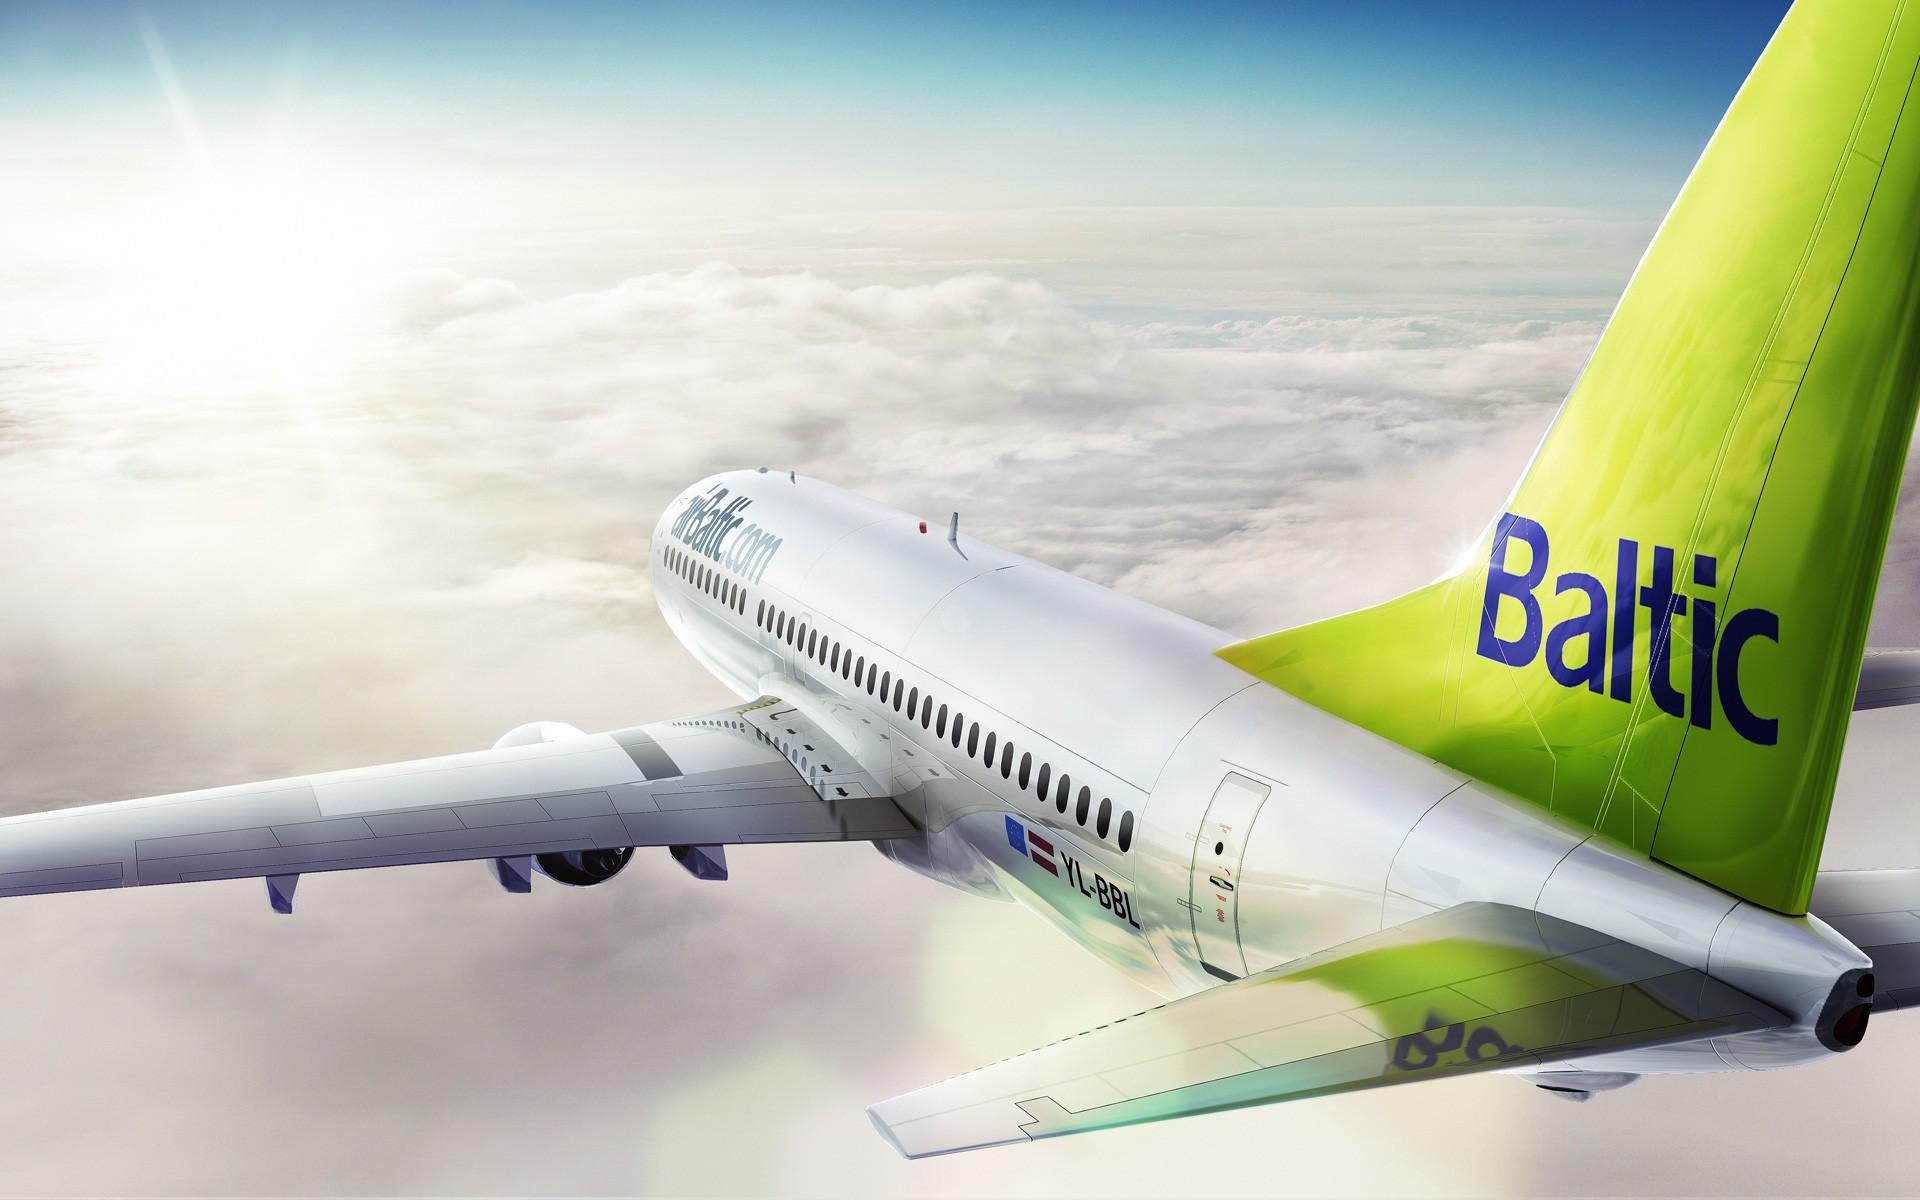 Самолет AirBaltic экстренно сел вРиге из-за сложностей сшасси